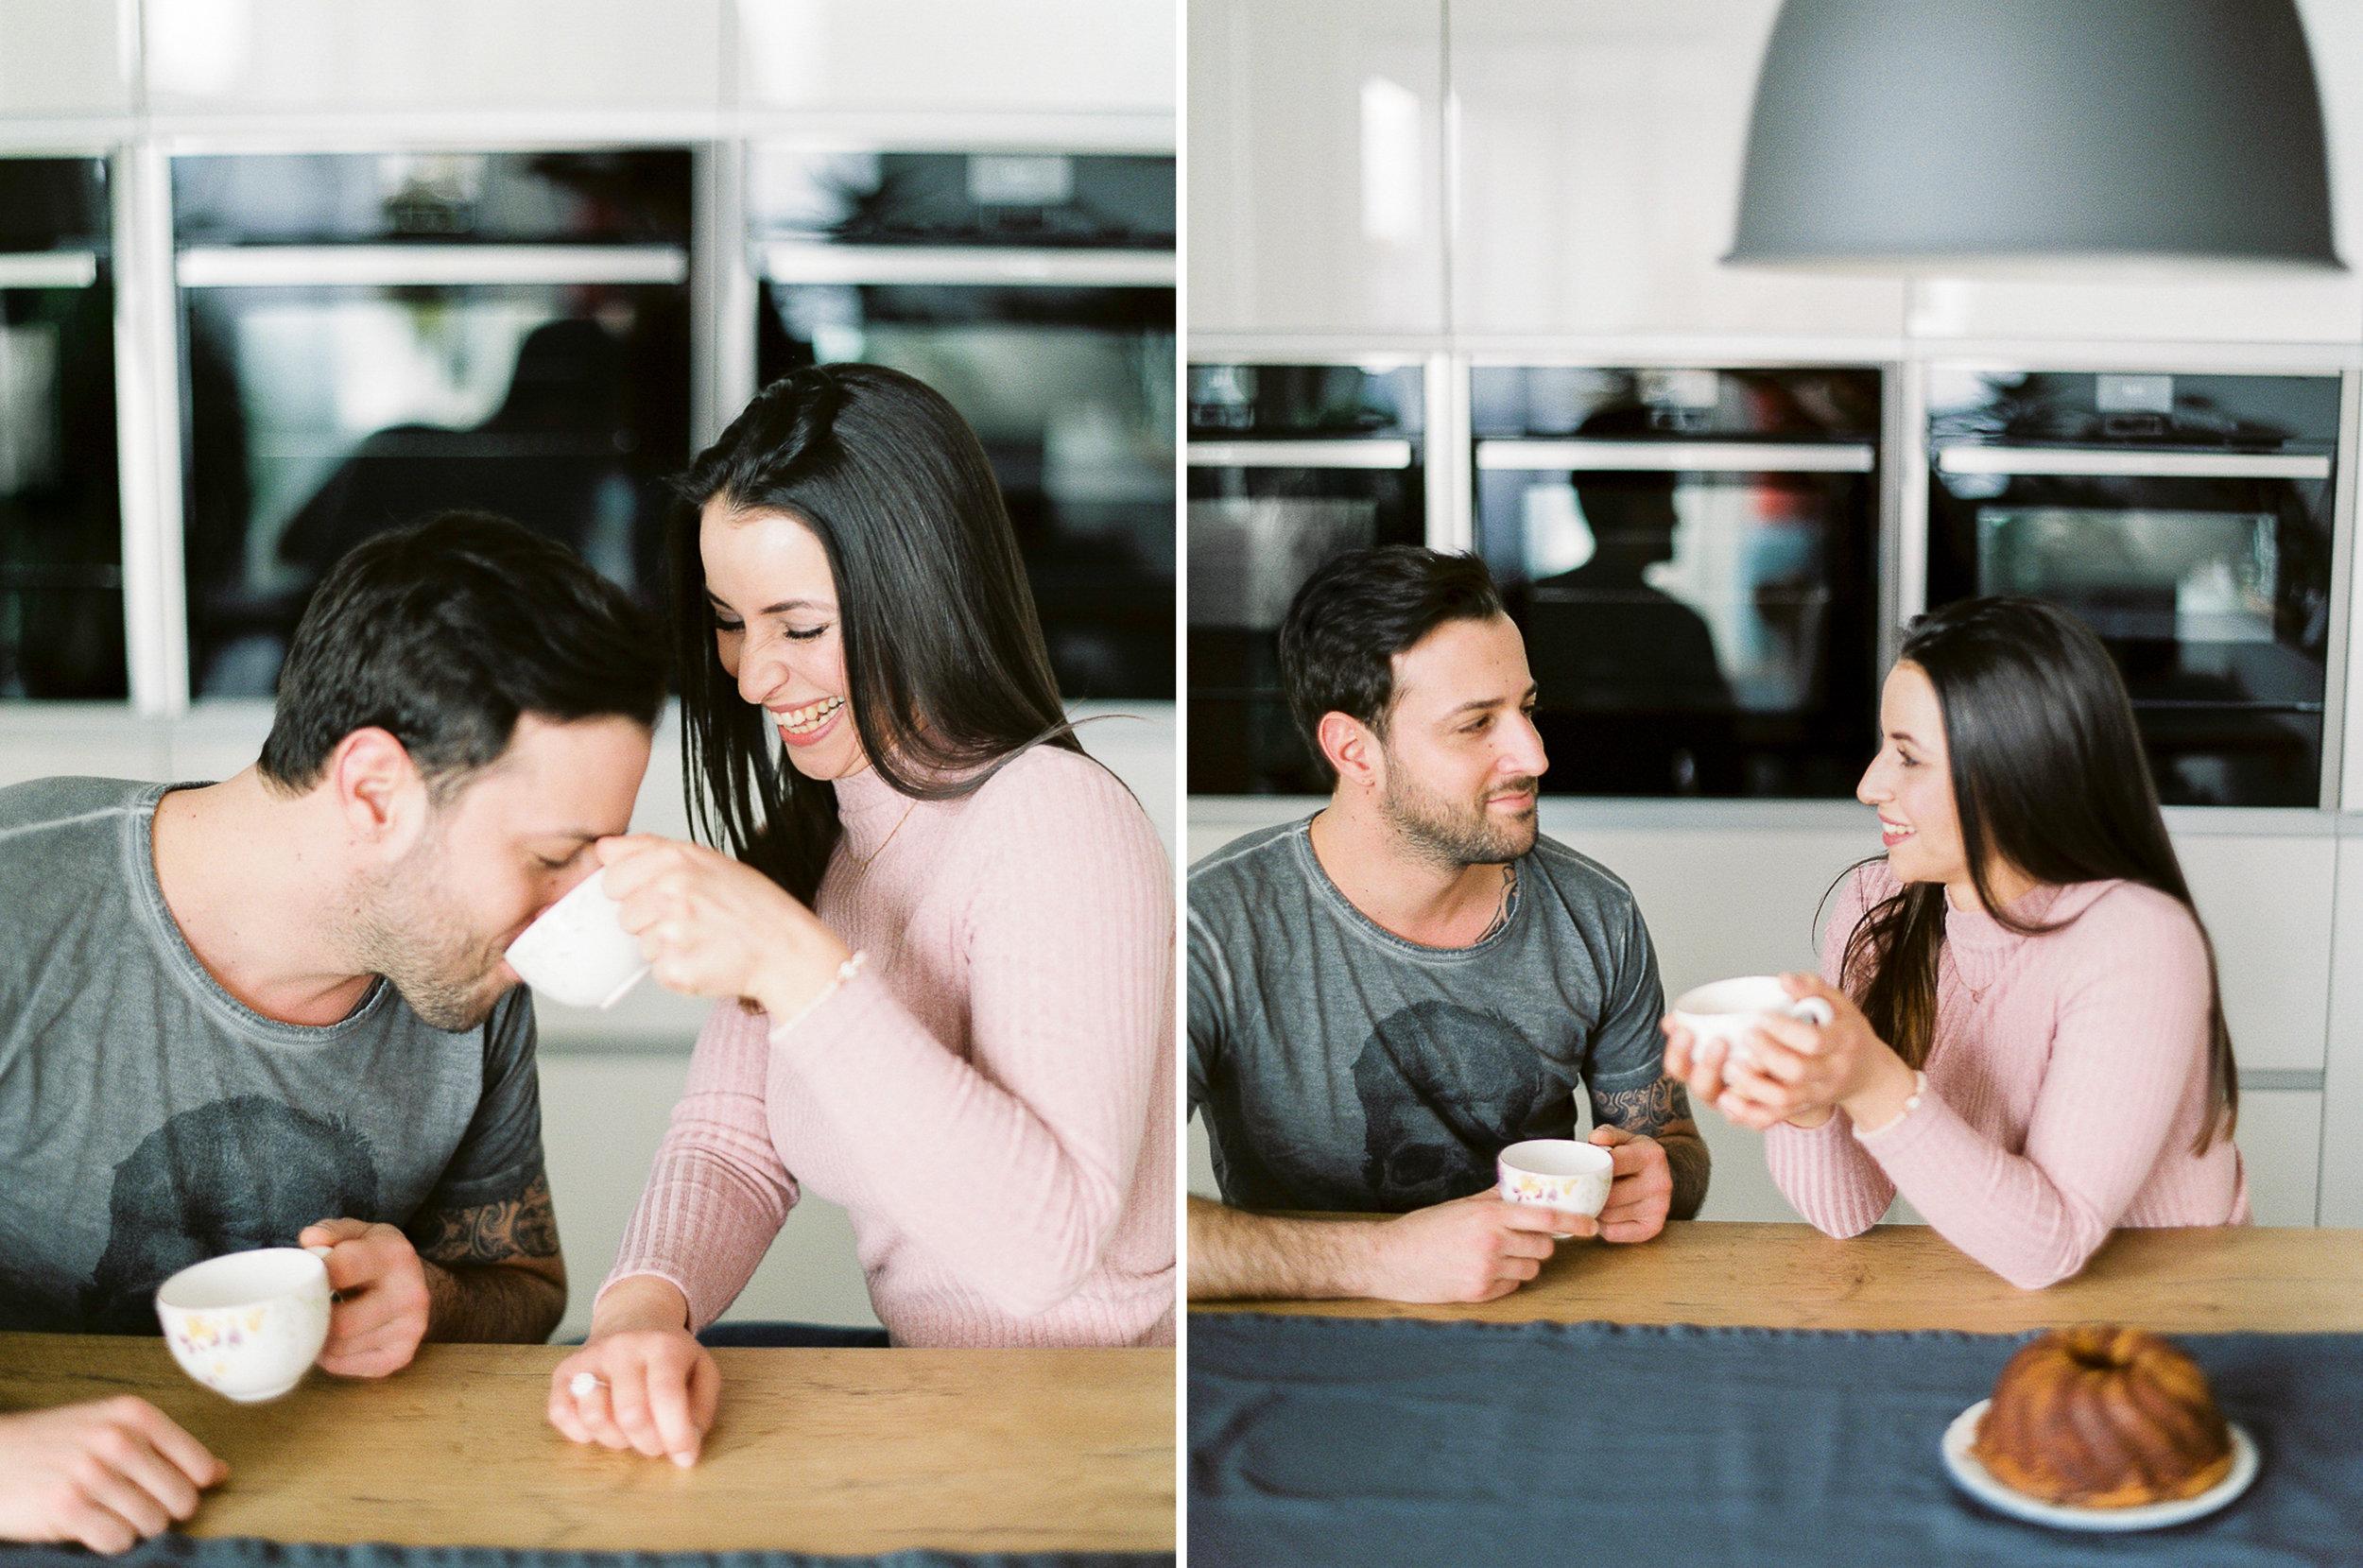 Homestory-Paarshooting-engagement-session-Theresa-Pewal-on-film-2.jpg